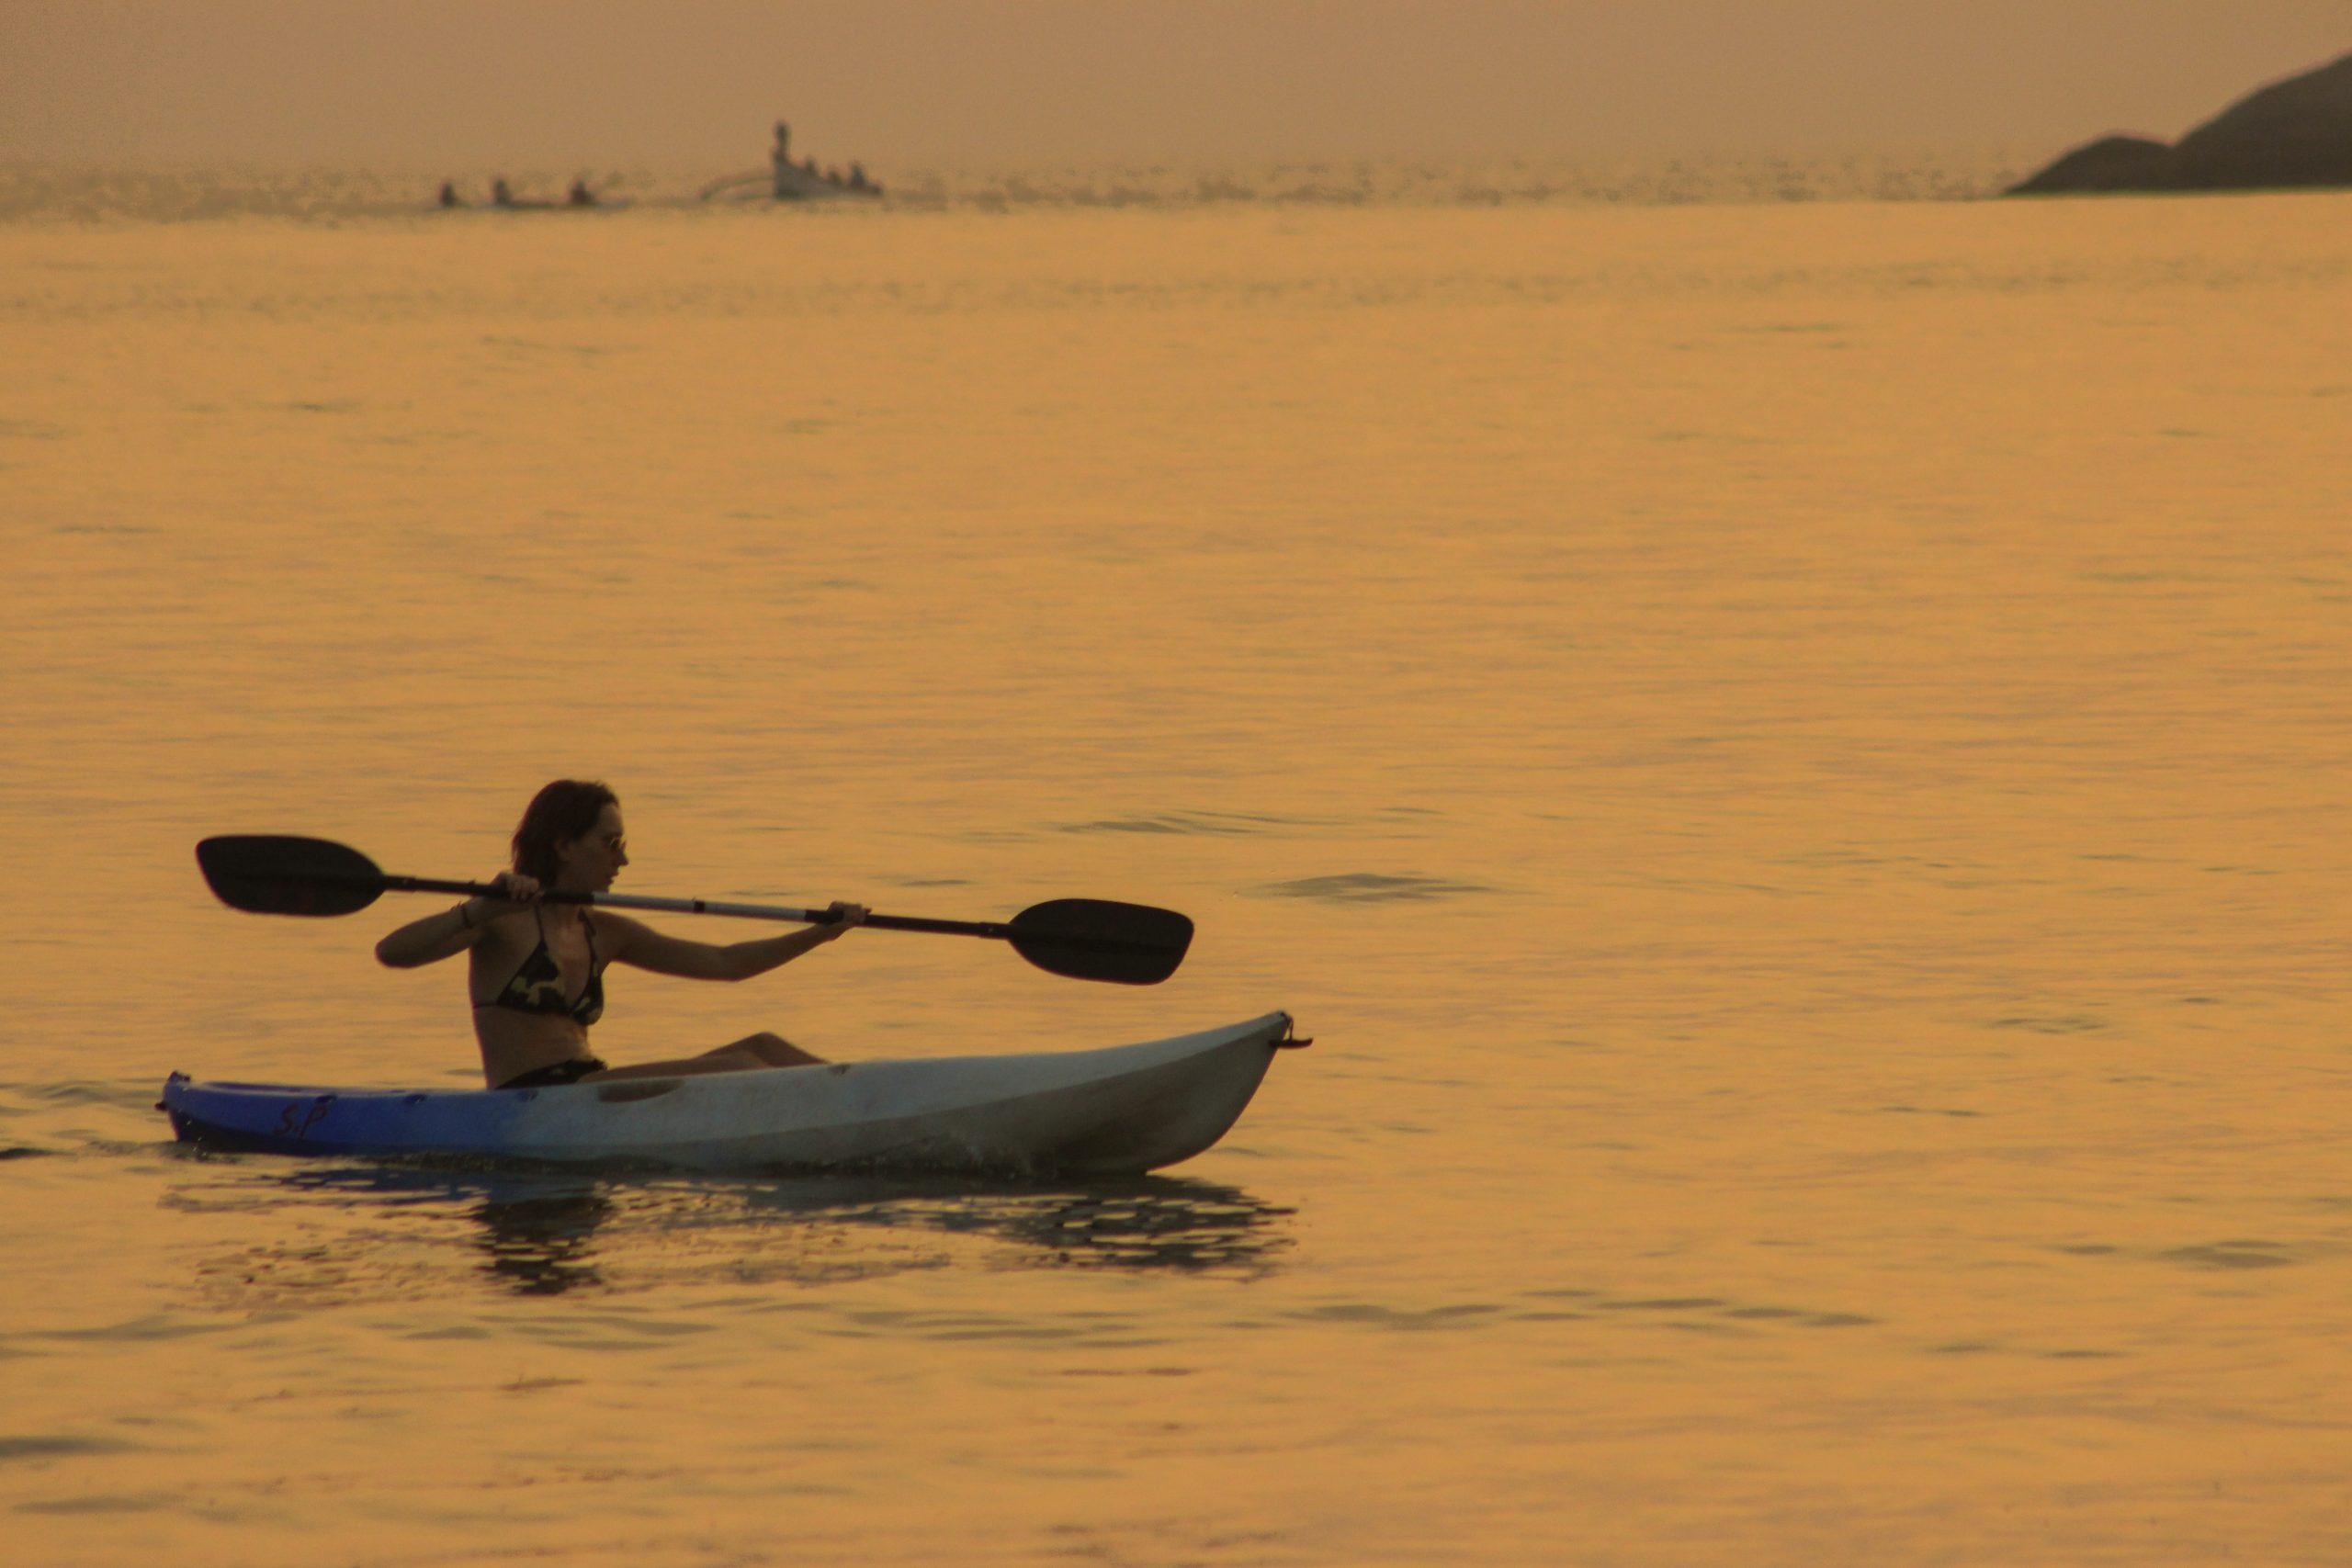 Women in bikini sailing in sea